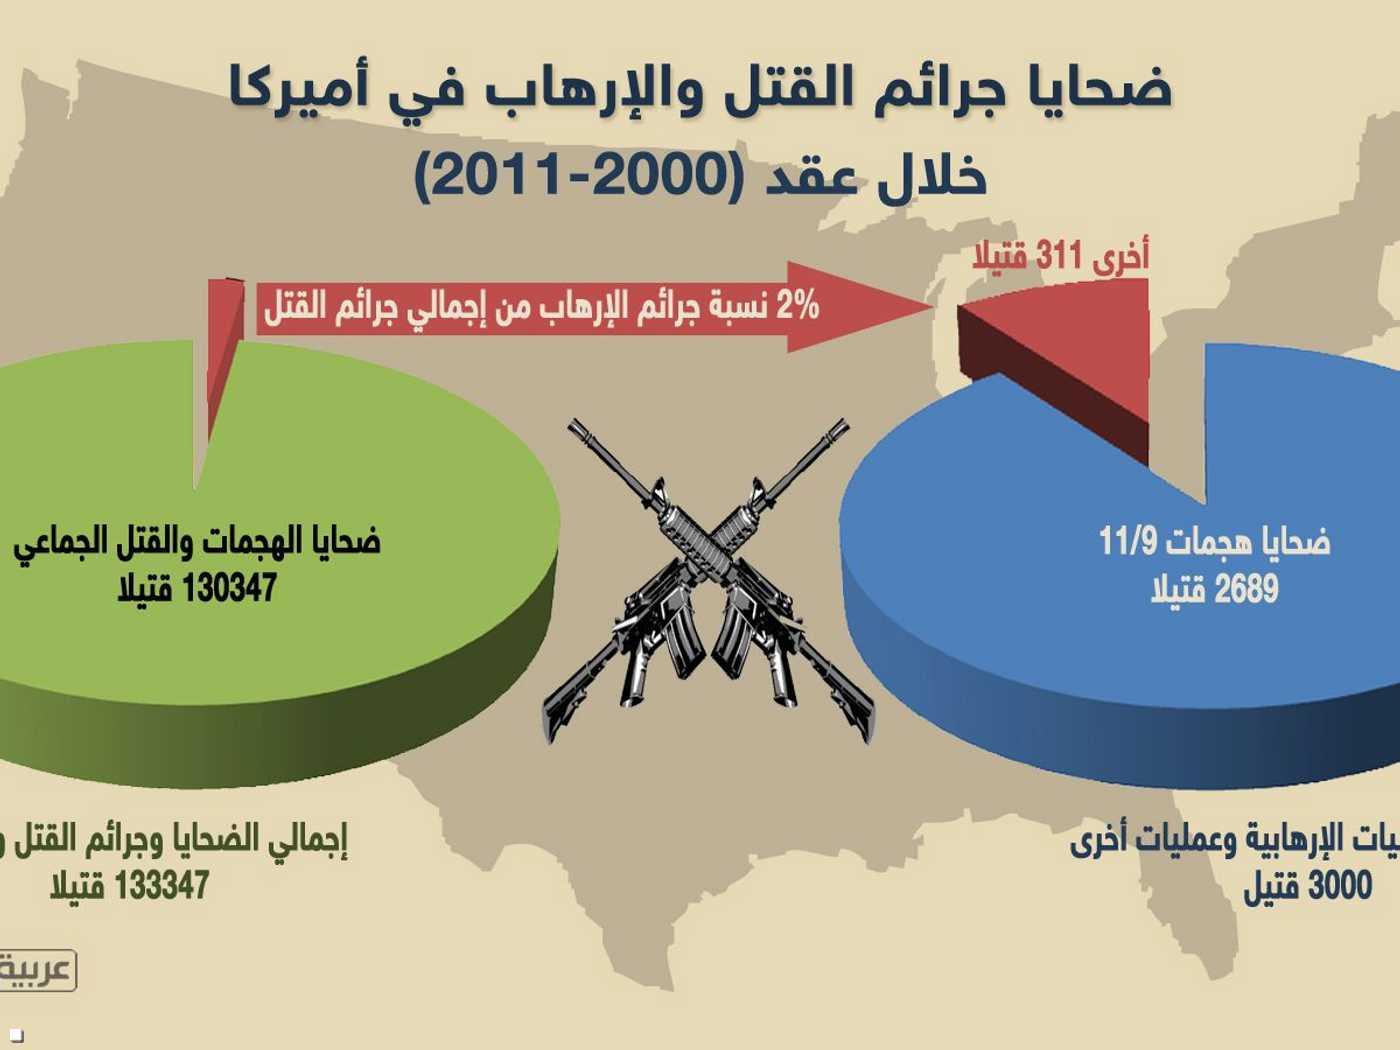 عمليات القتل الجماعي والانتحار باستخدام الأسلحة تشكل 98 في المئة من جرائم القتل